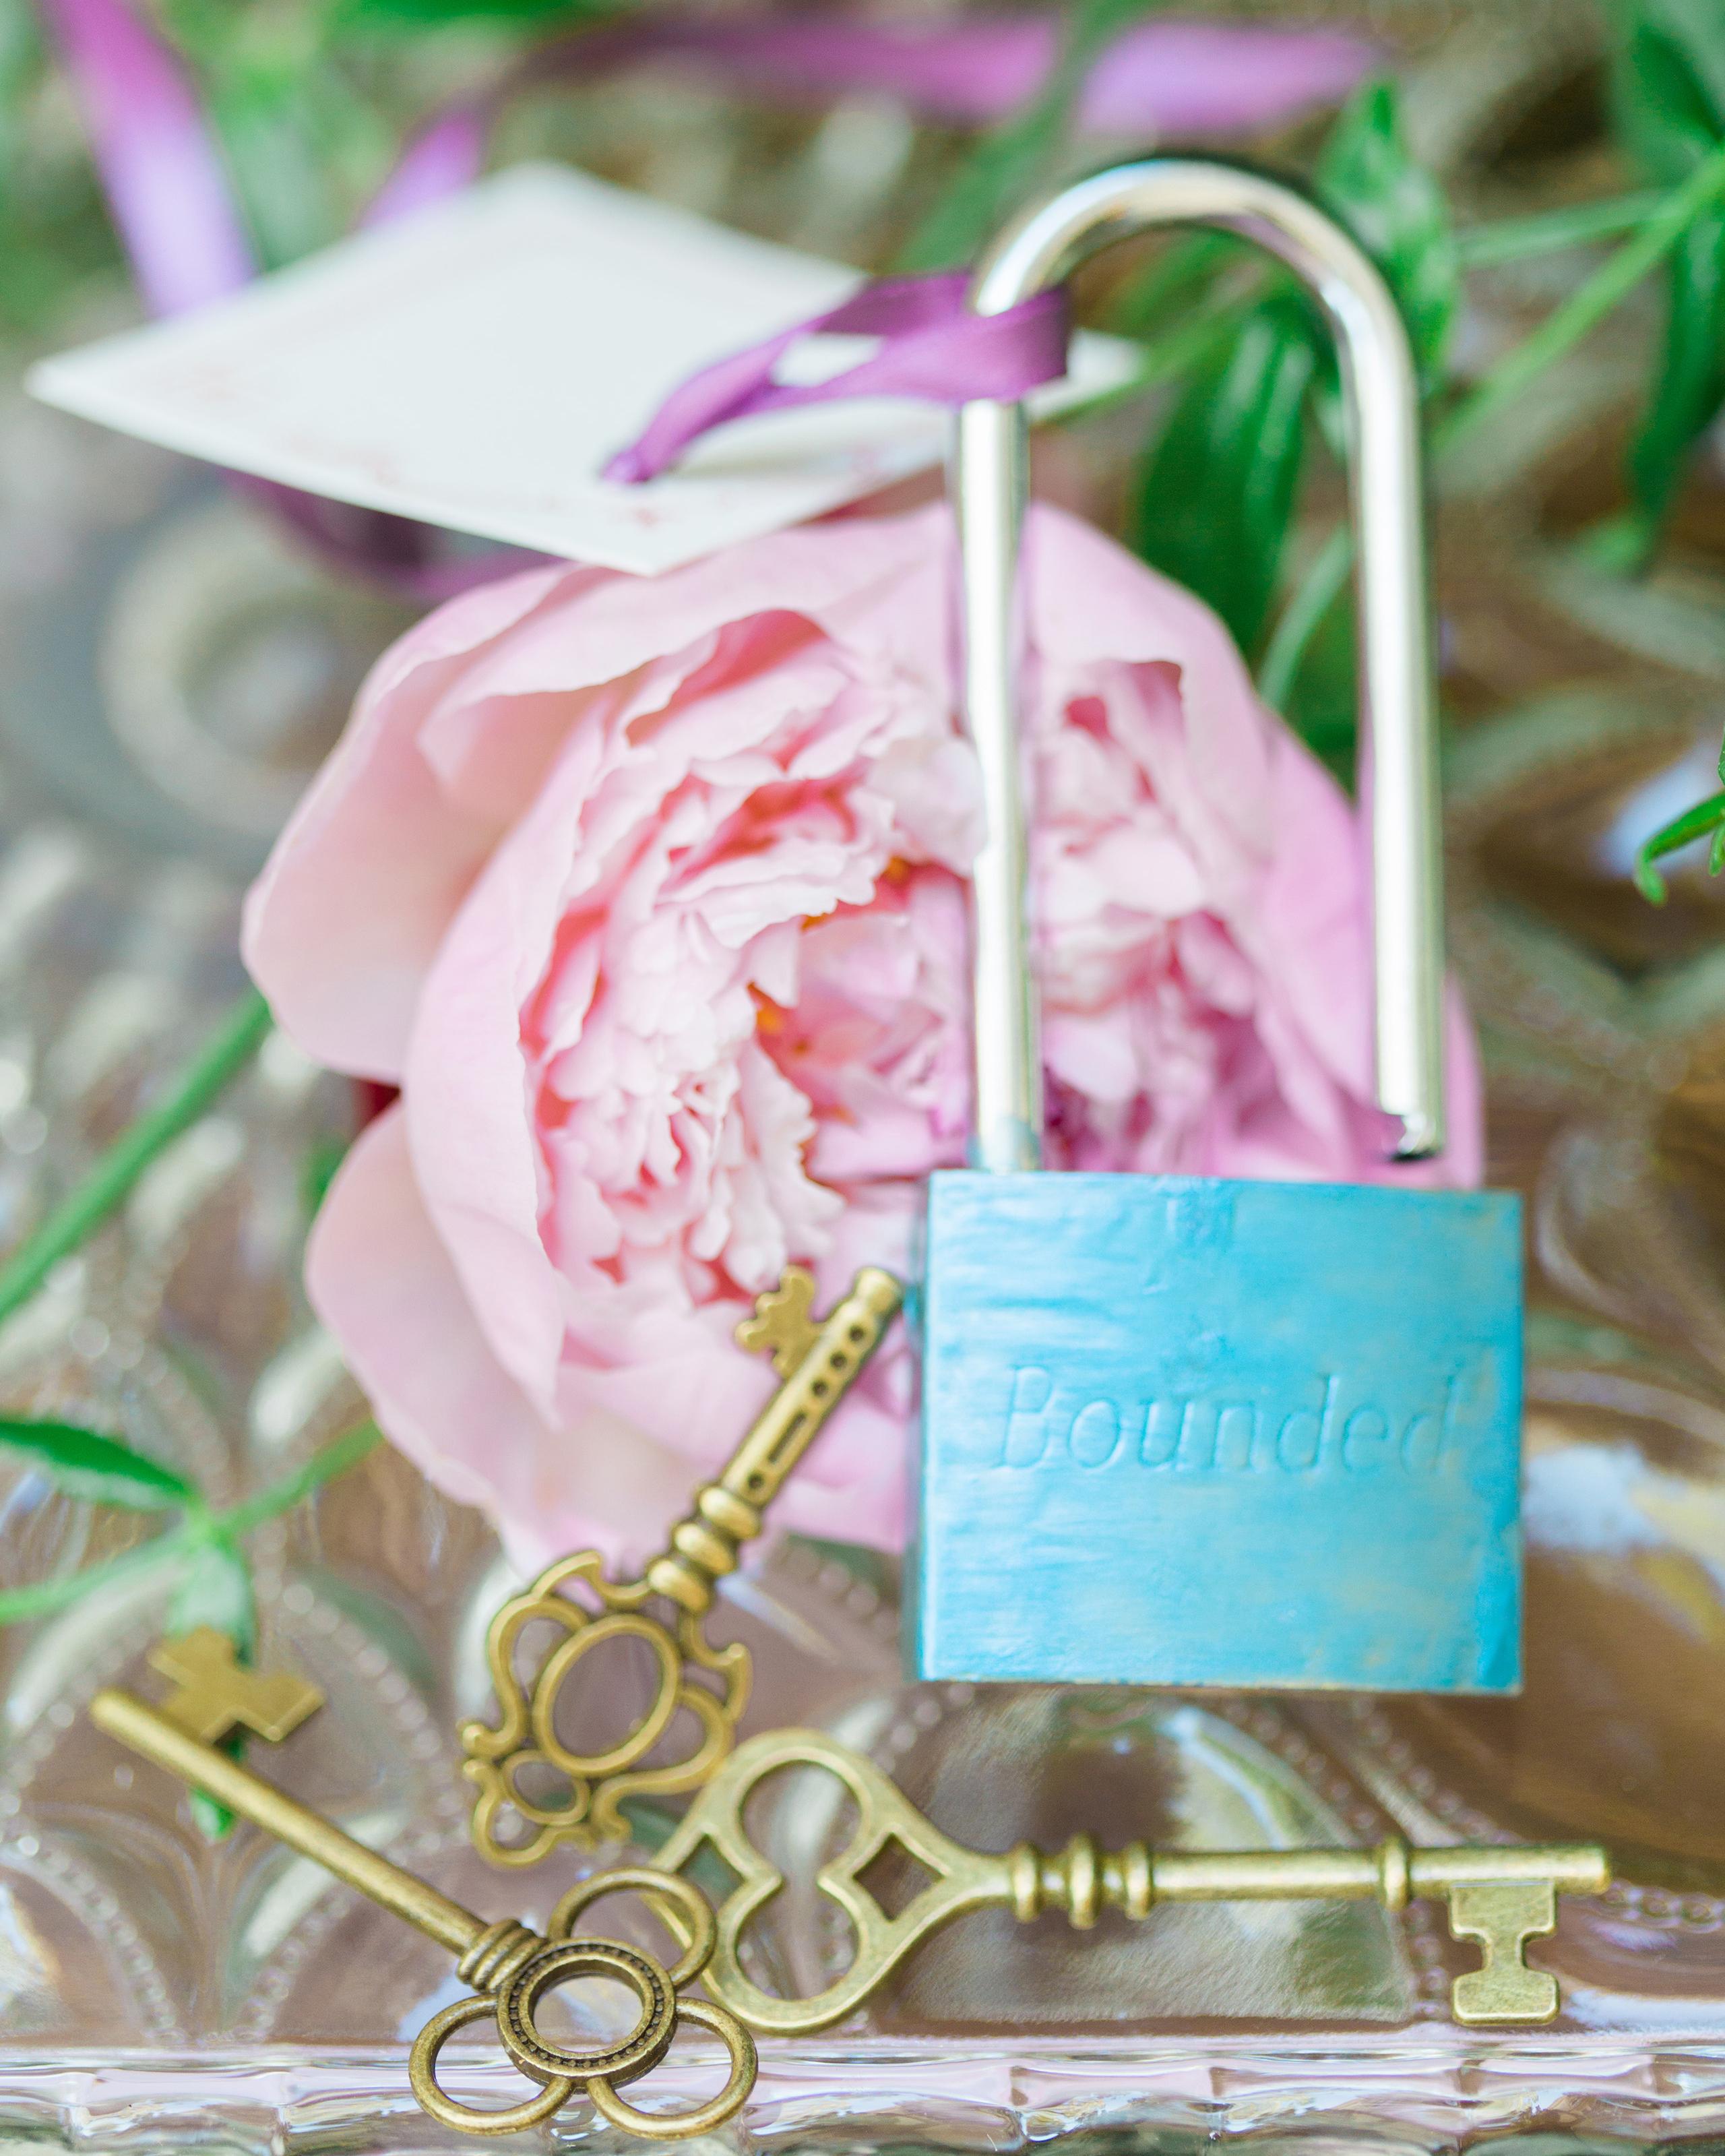 margo-me-bridal-shower-lock-7165-s112194-0515.jpg